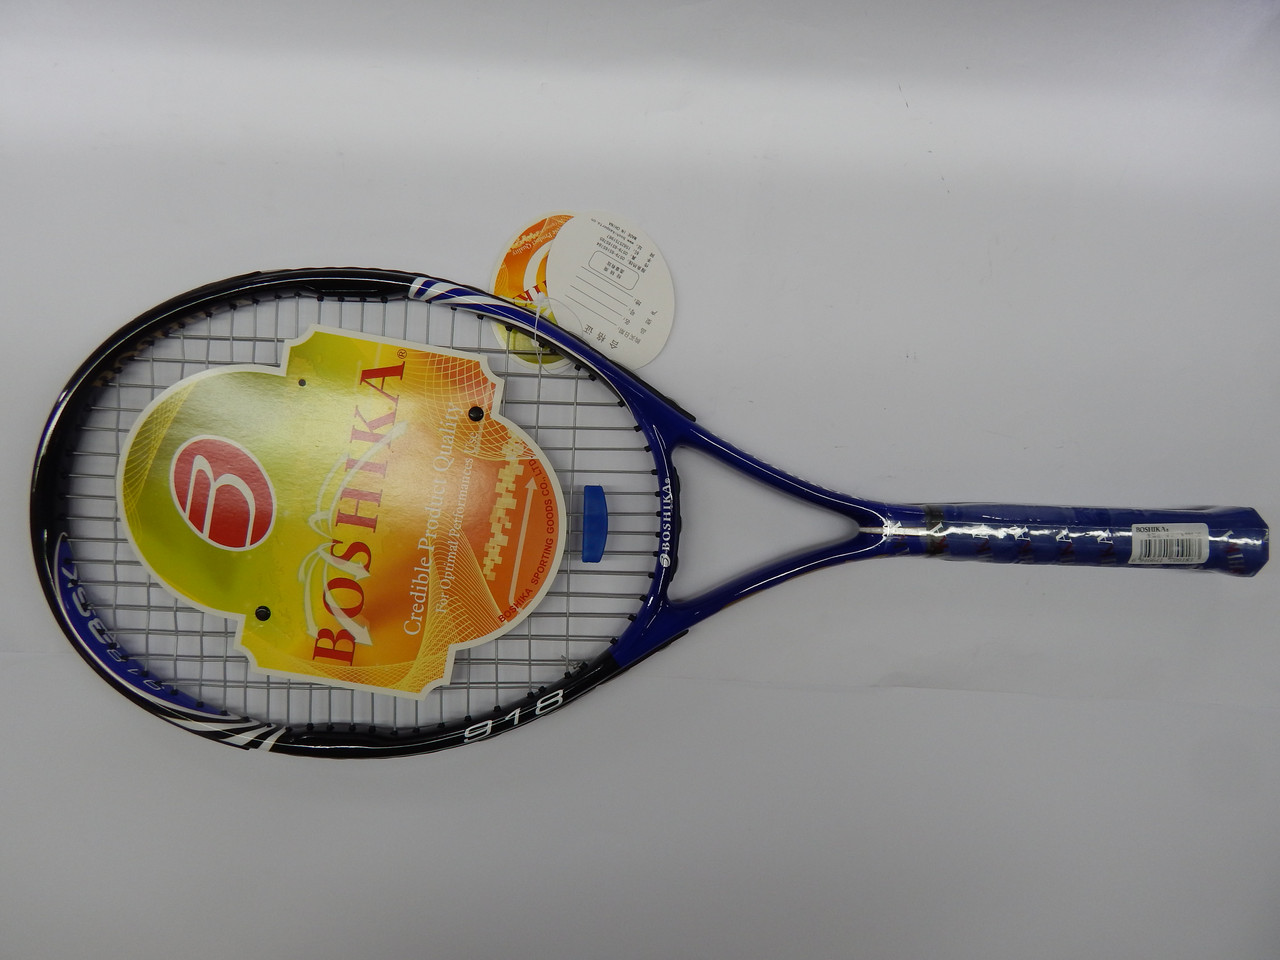 Ракетка для большого тенниса BOSHIKA 918 (поликарбон) - Интернет-магазин Sport2012 в Днепре